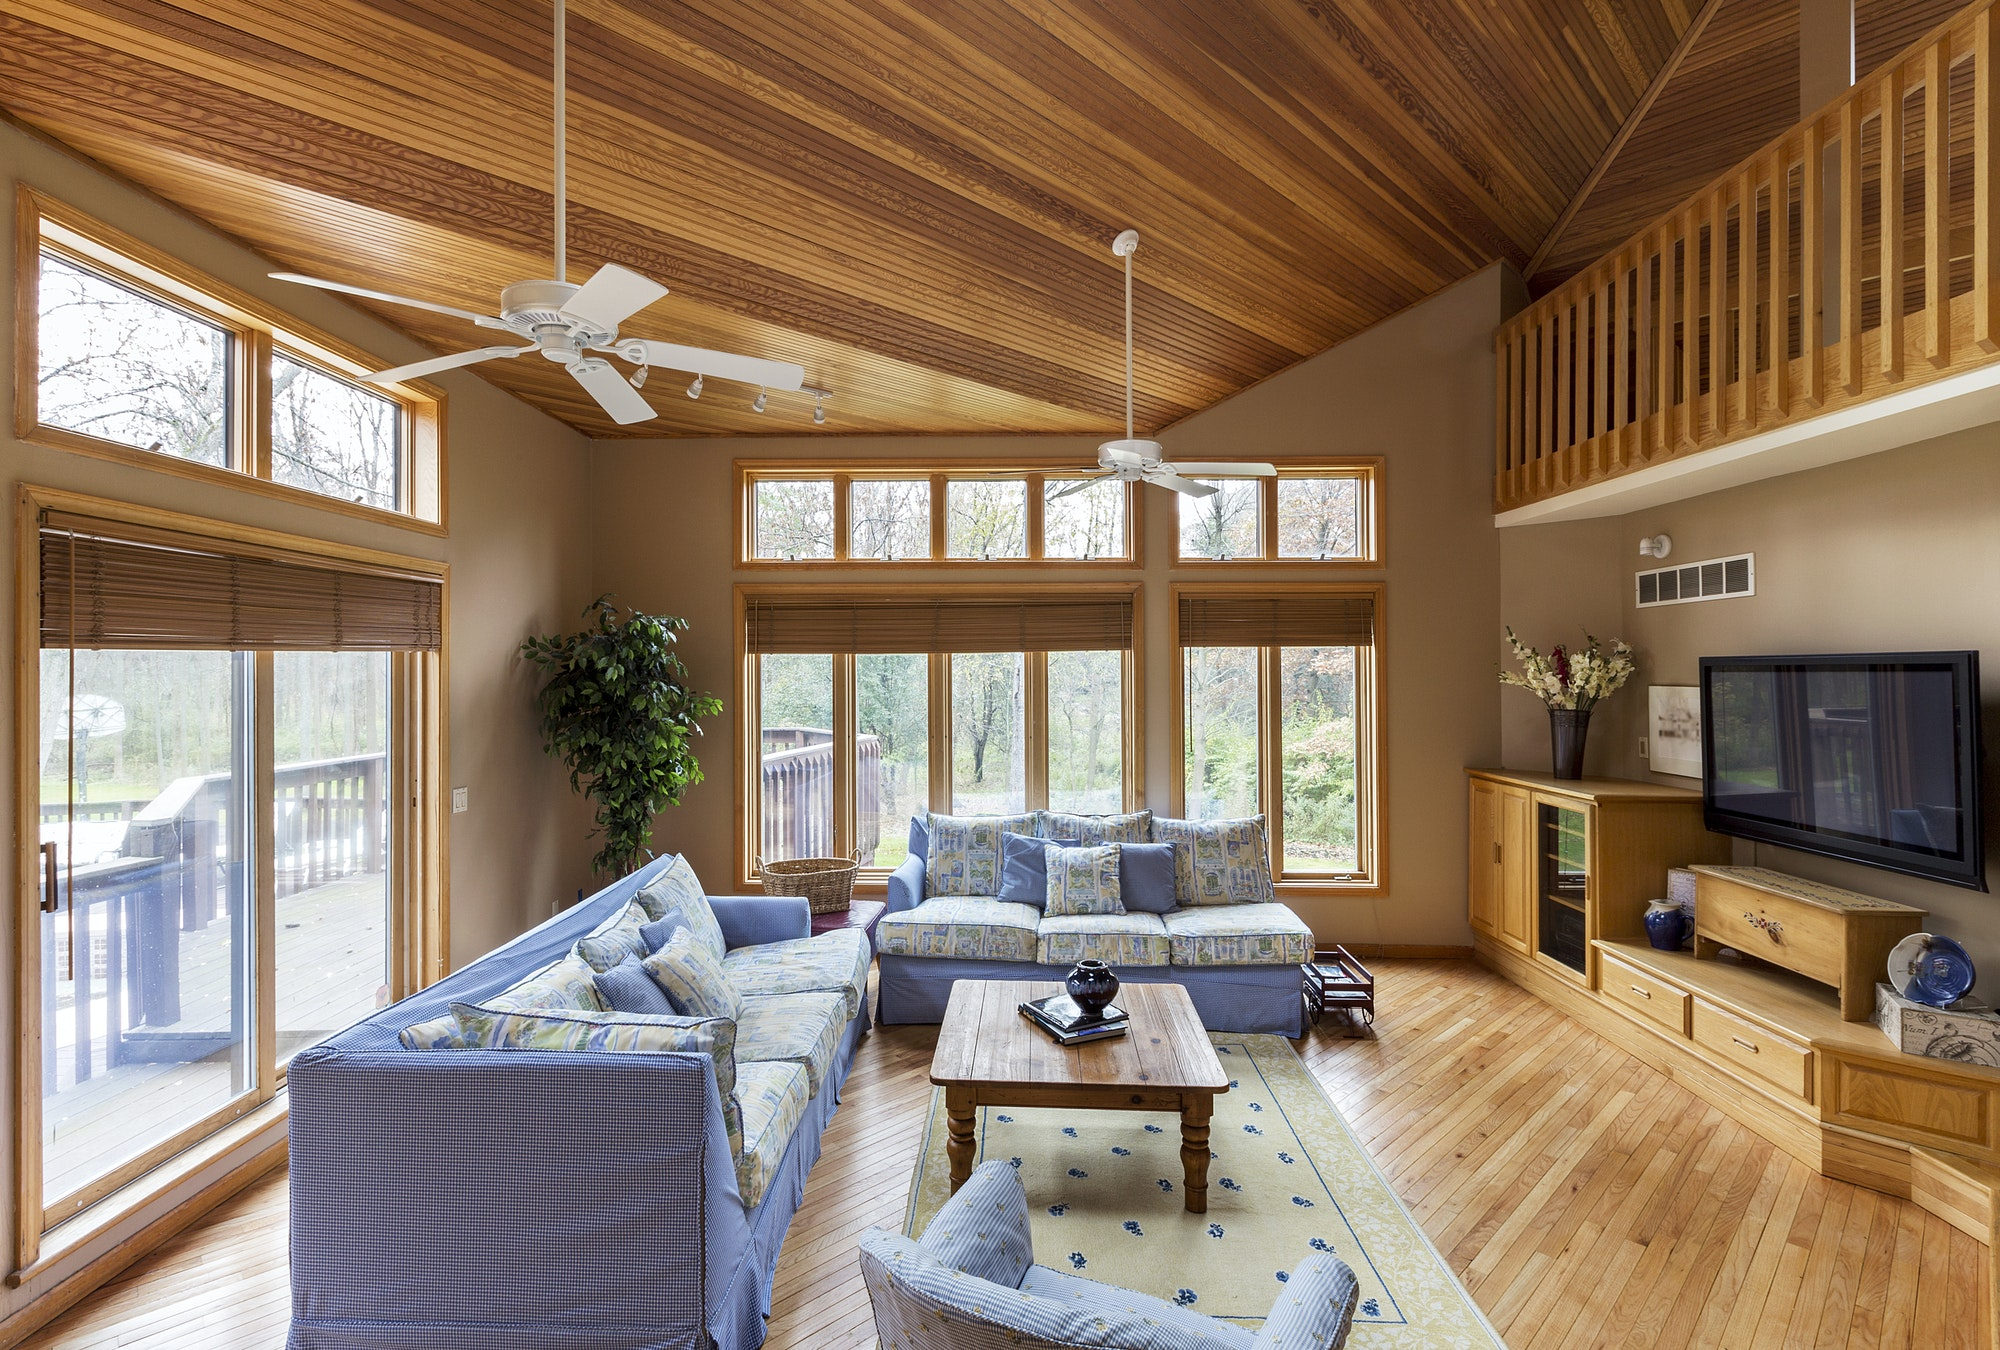 54679,Hardwood floor and ceilings in living room